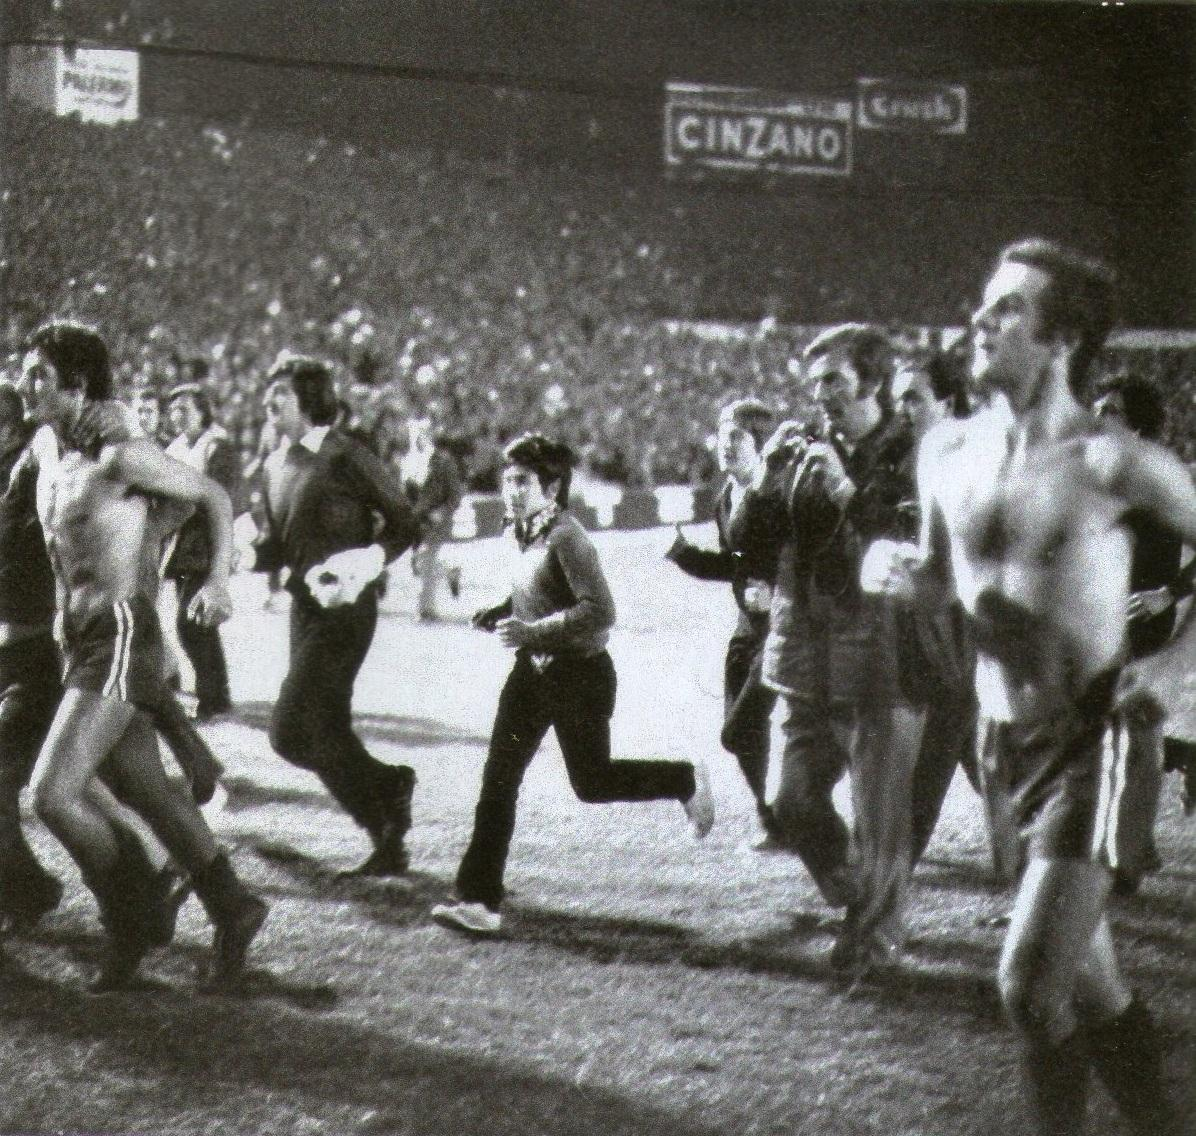 C:\Users\user\Pictures\Escaneadas Independiente\Sudamericana 2010\1972 vuelta olímpica copa Libertadores vs Universitario - Pastoriza.jpg